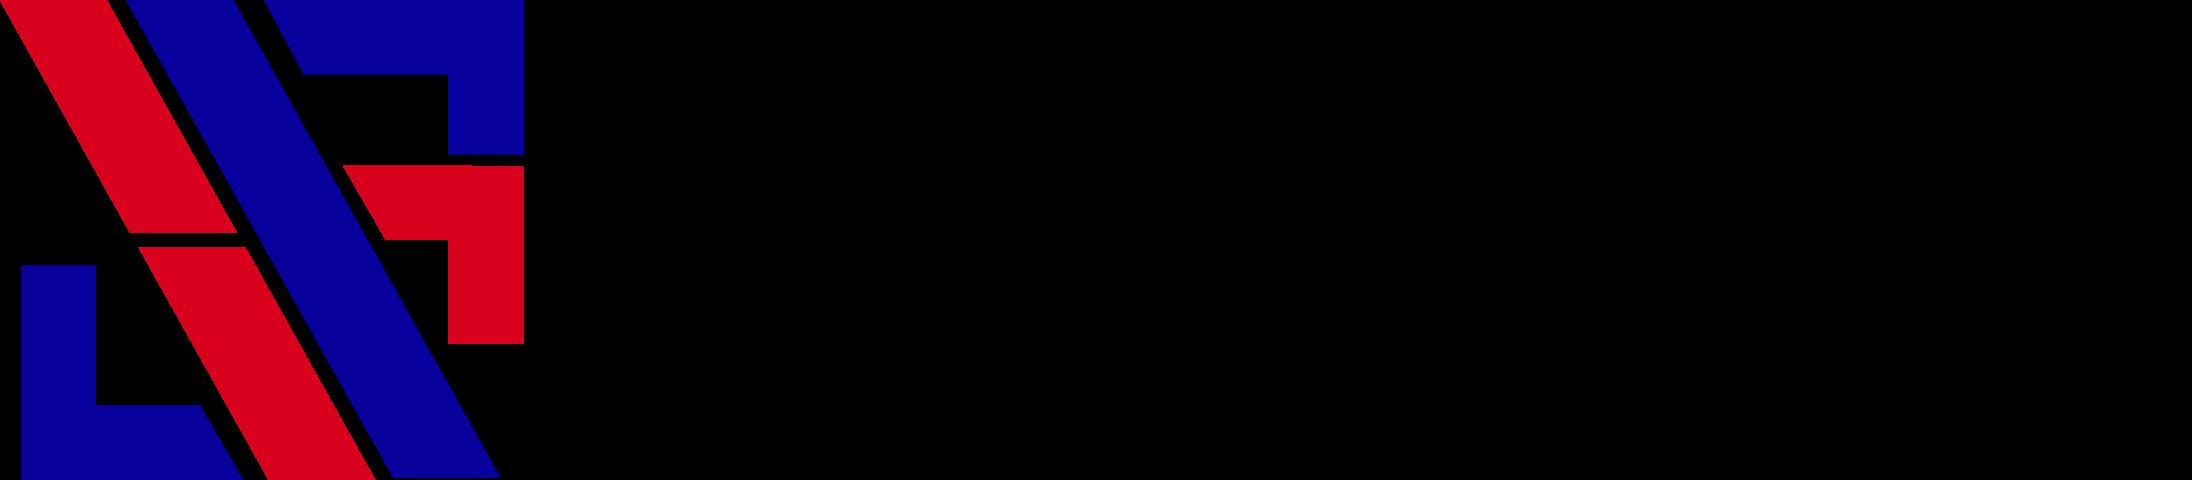 Alexonian Broadcasting Authority